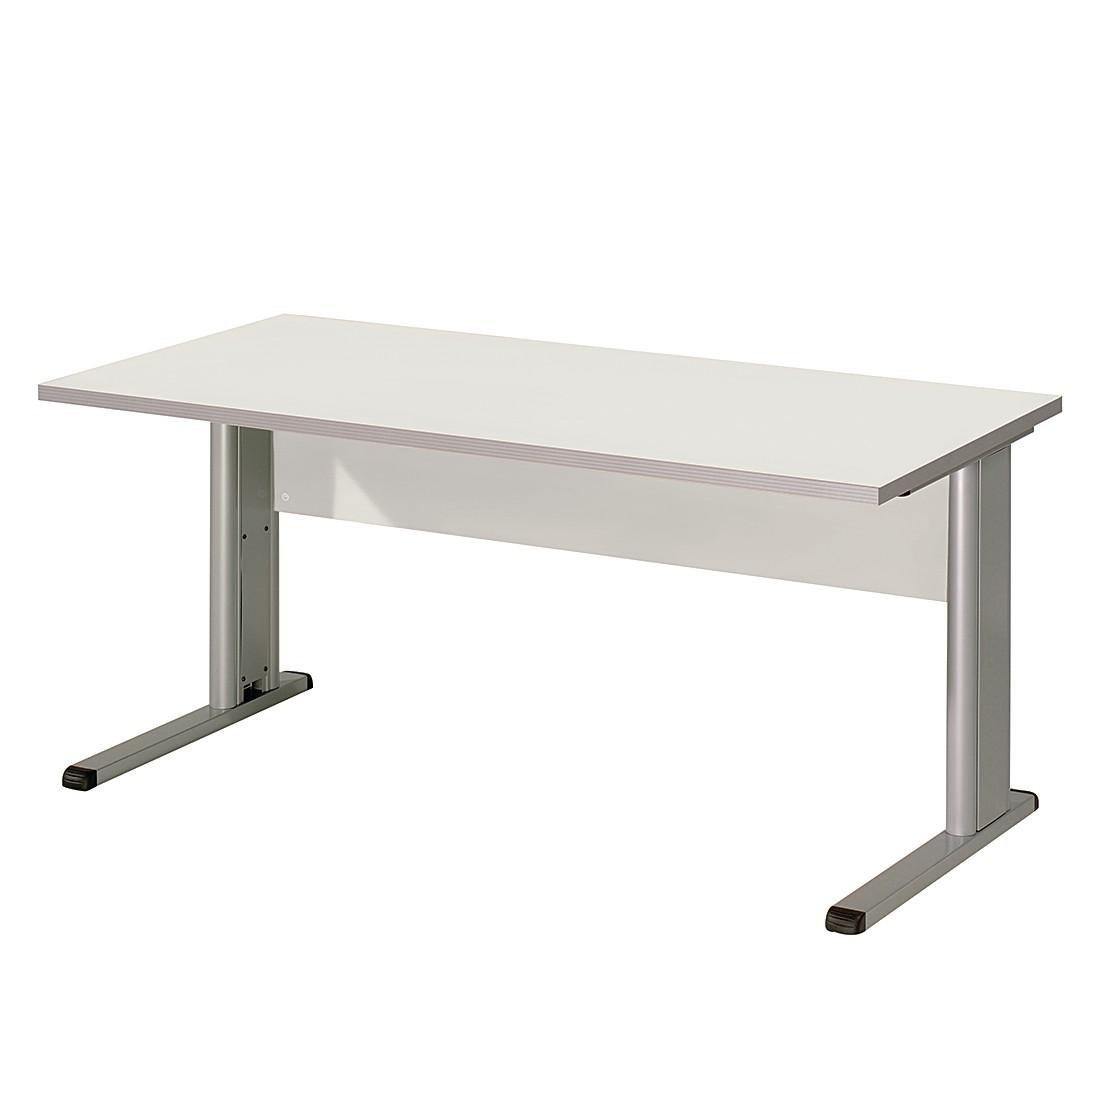 Bureau Kirk IV - lichtgrijs - tafelblad: 160x80cm, Wellemöbel